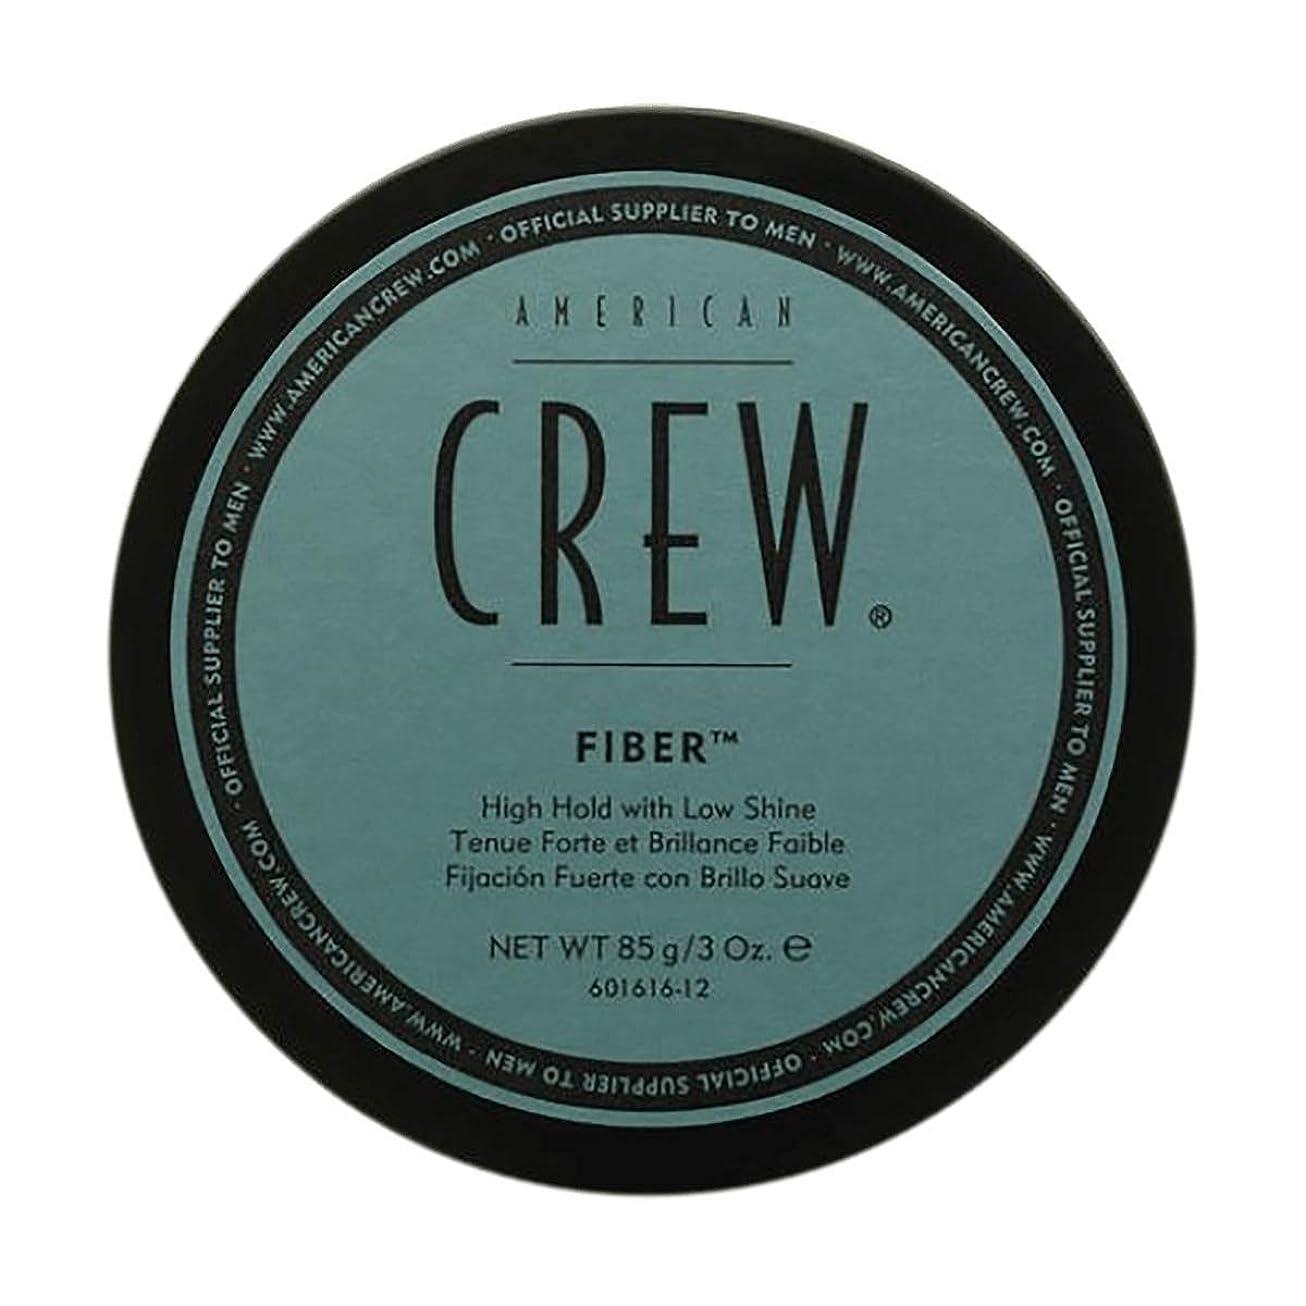 物足りない変動するアプトアメリカンクルー クラシック ファイバー American Crew Fiber 85g [並行輸入品]